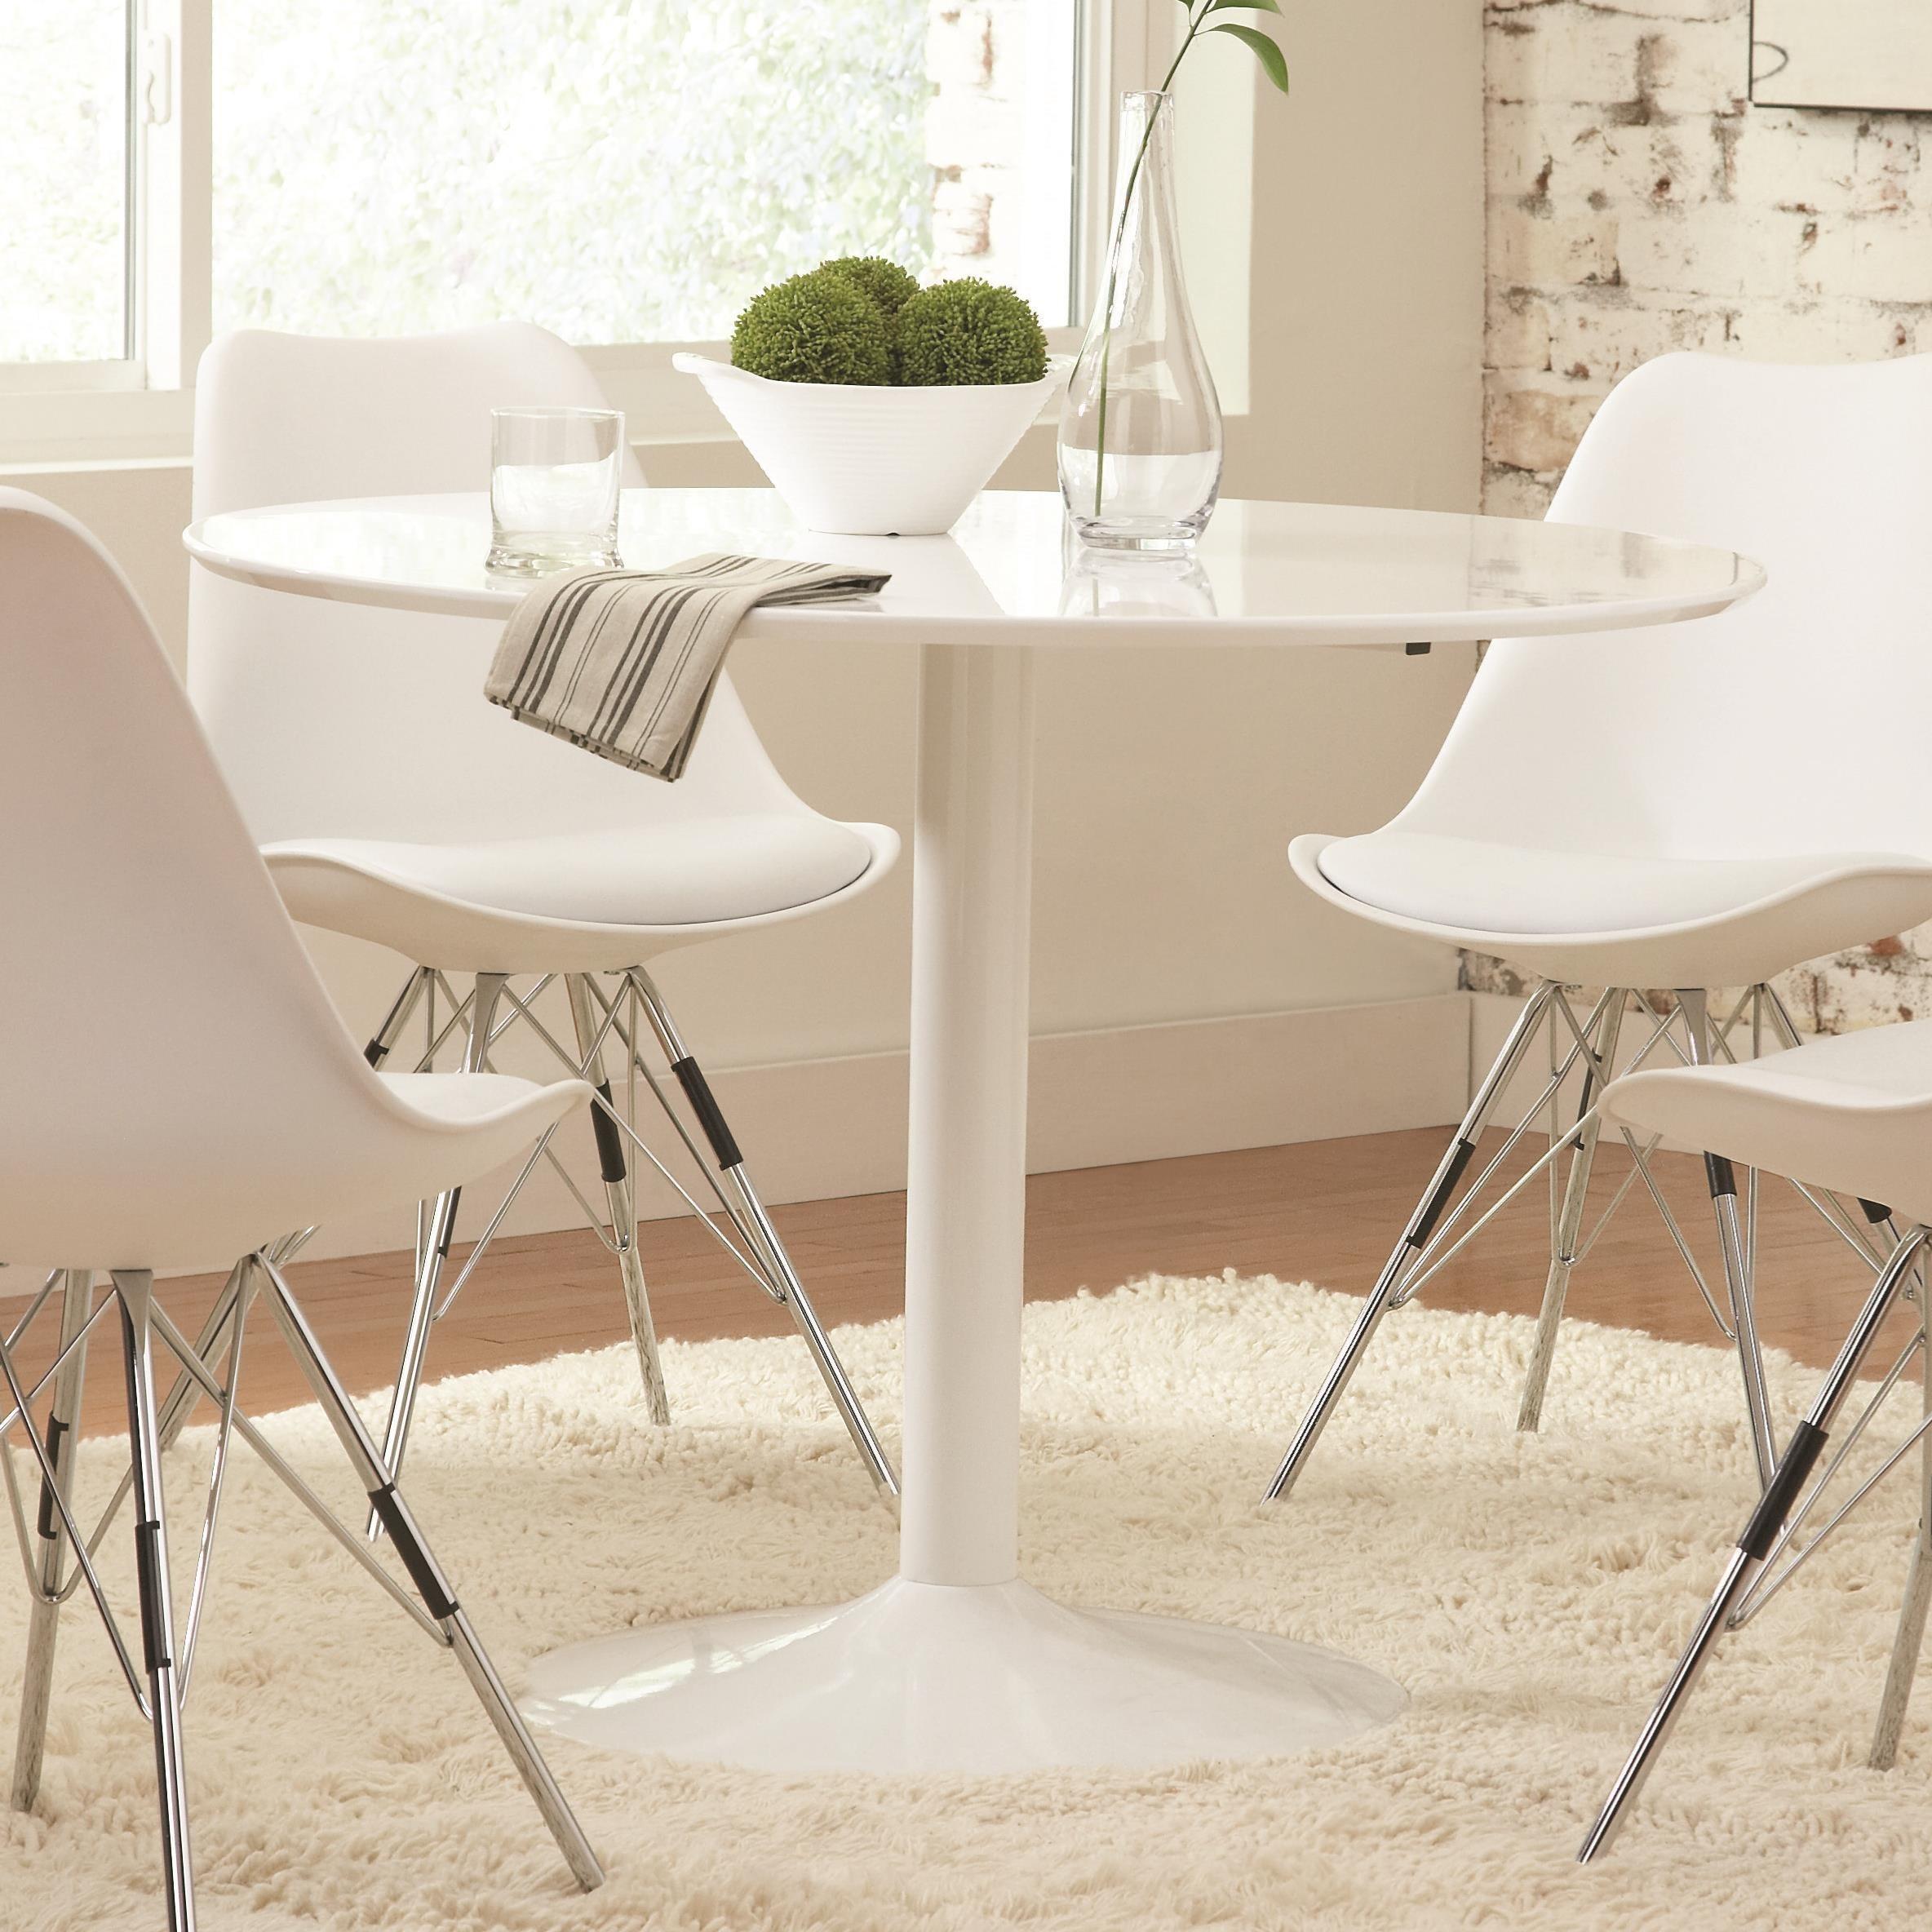 Ordinaire Sam Levitz Furniture